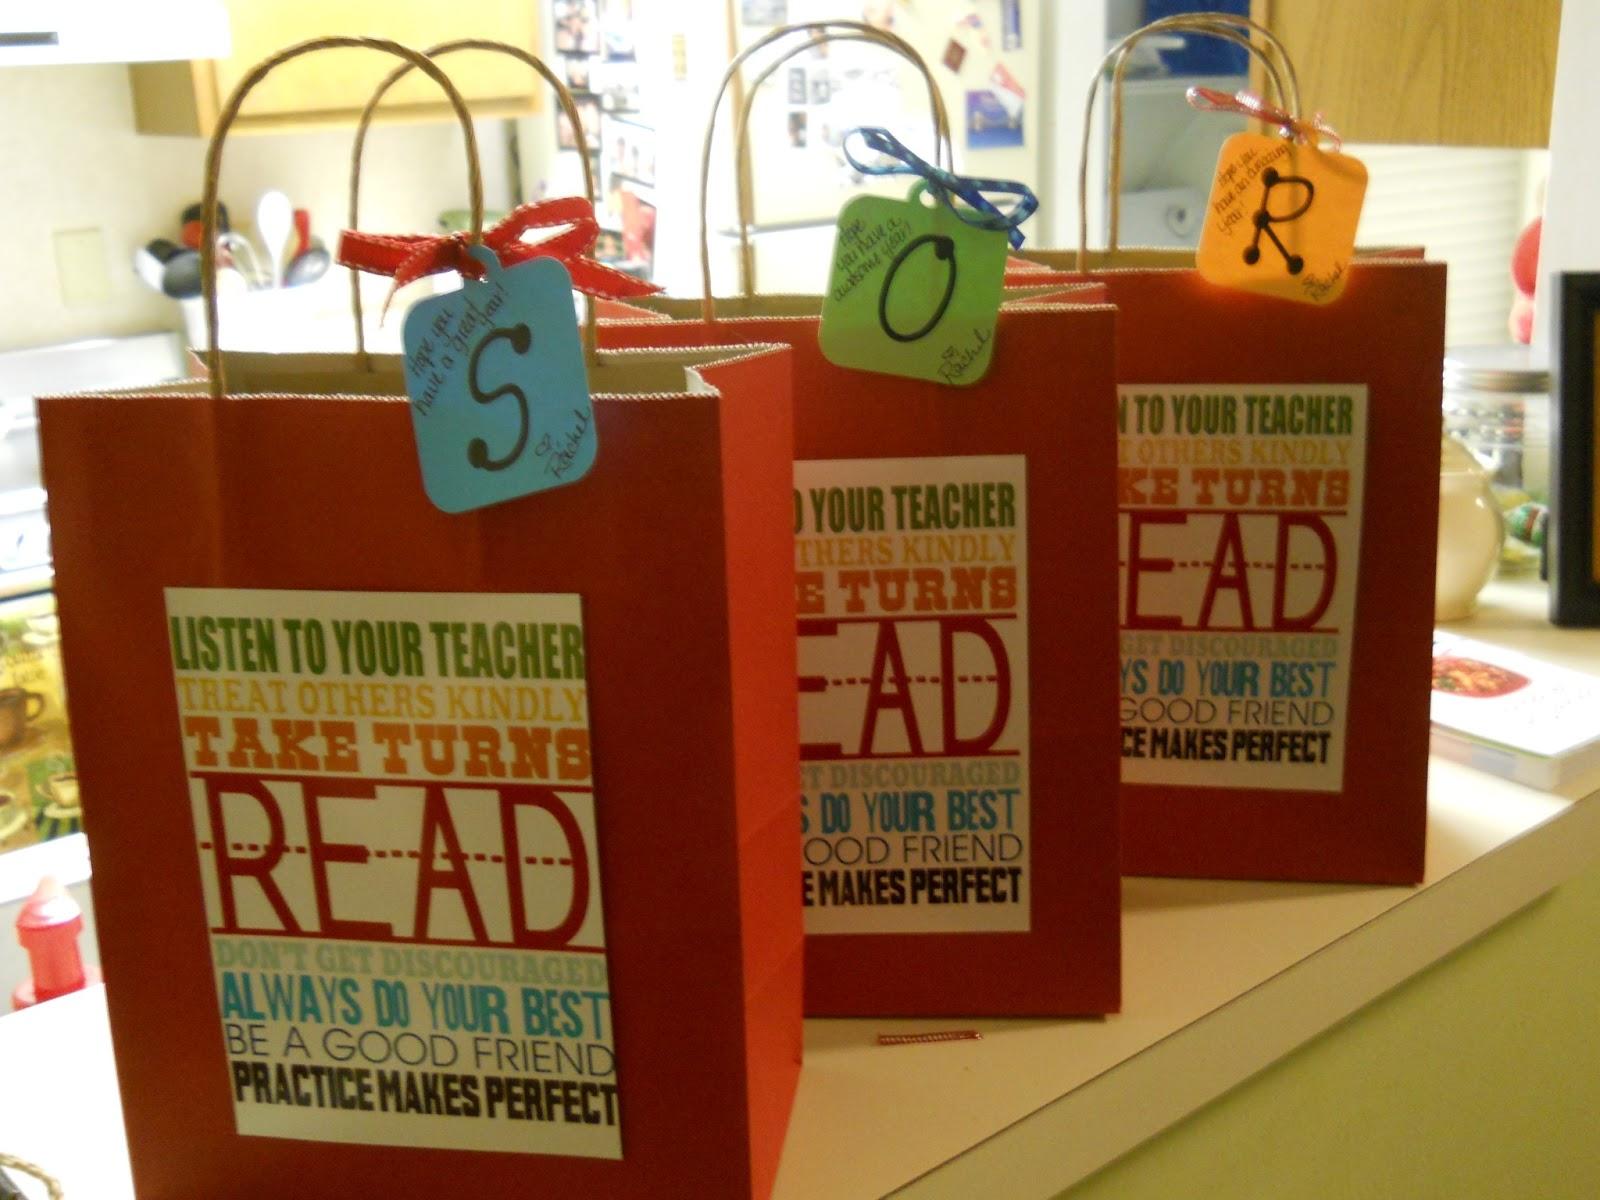 Classroom Decor Gifts : Teacher gift ideas classroom decor crafts rachel a